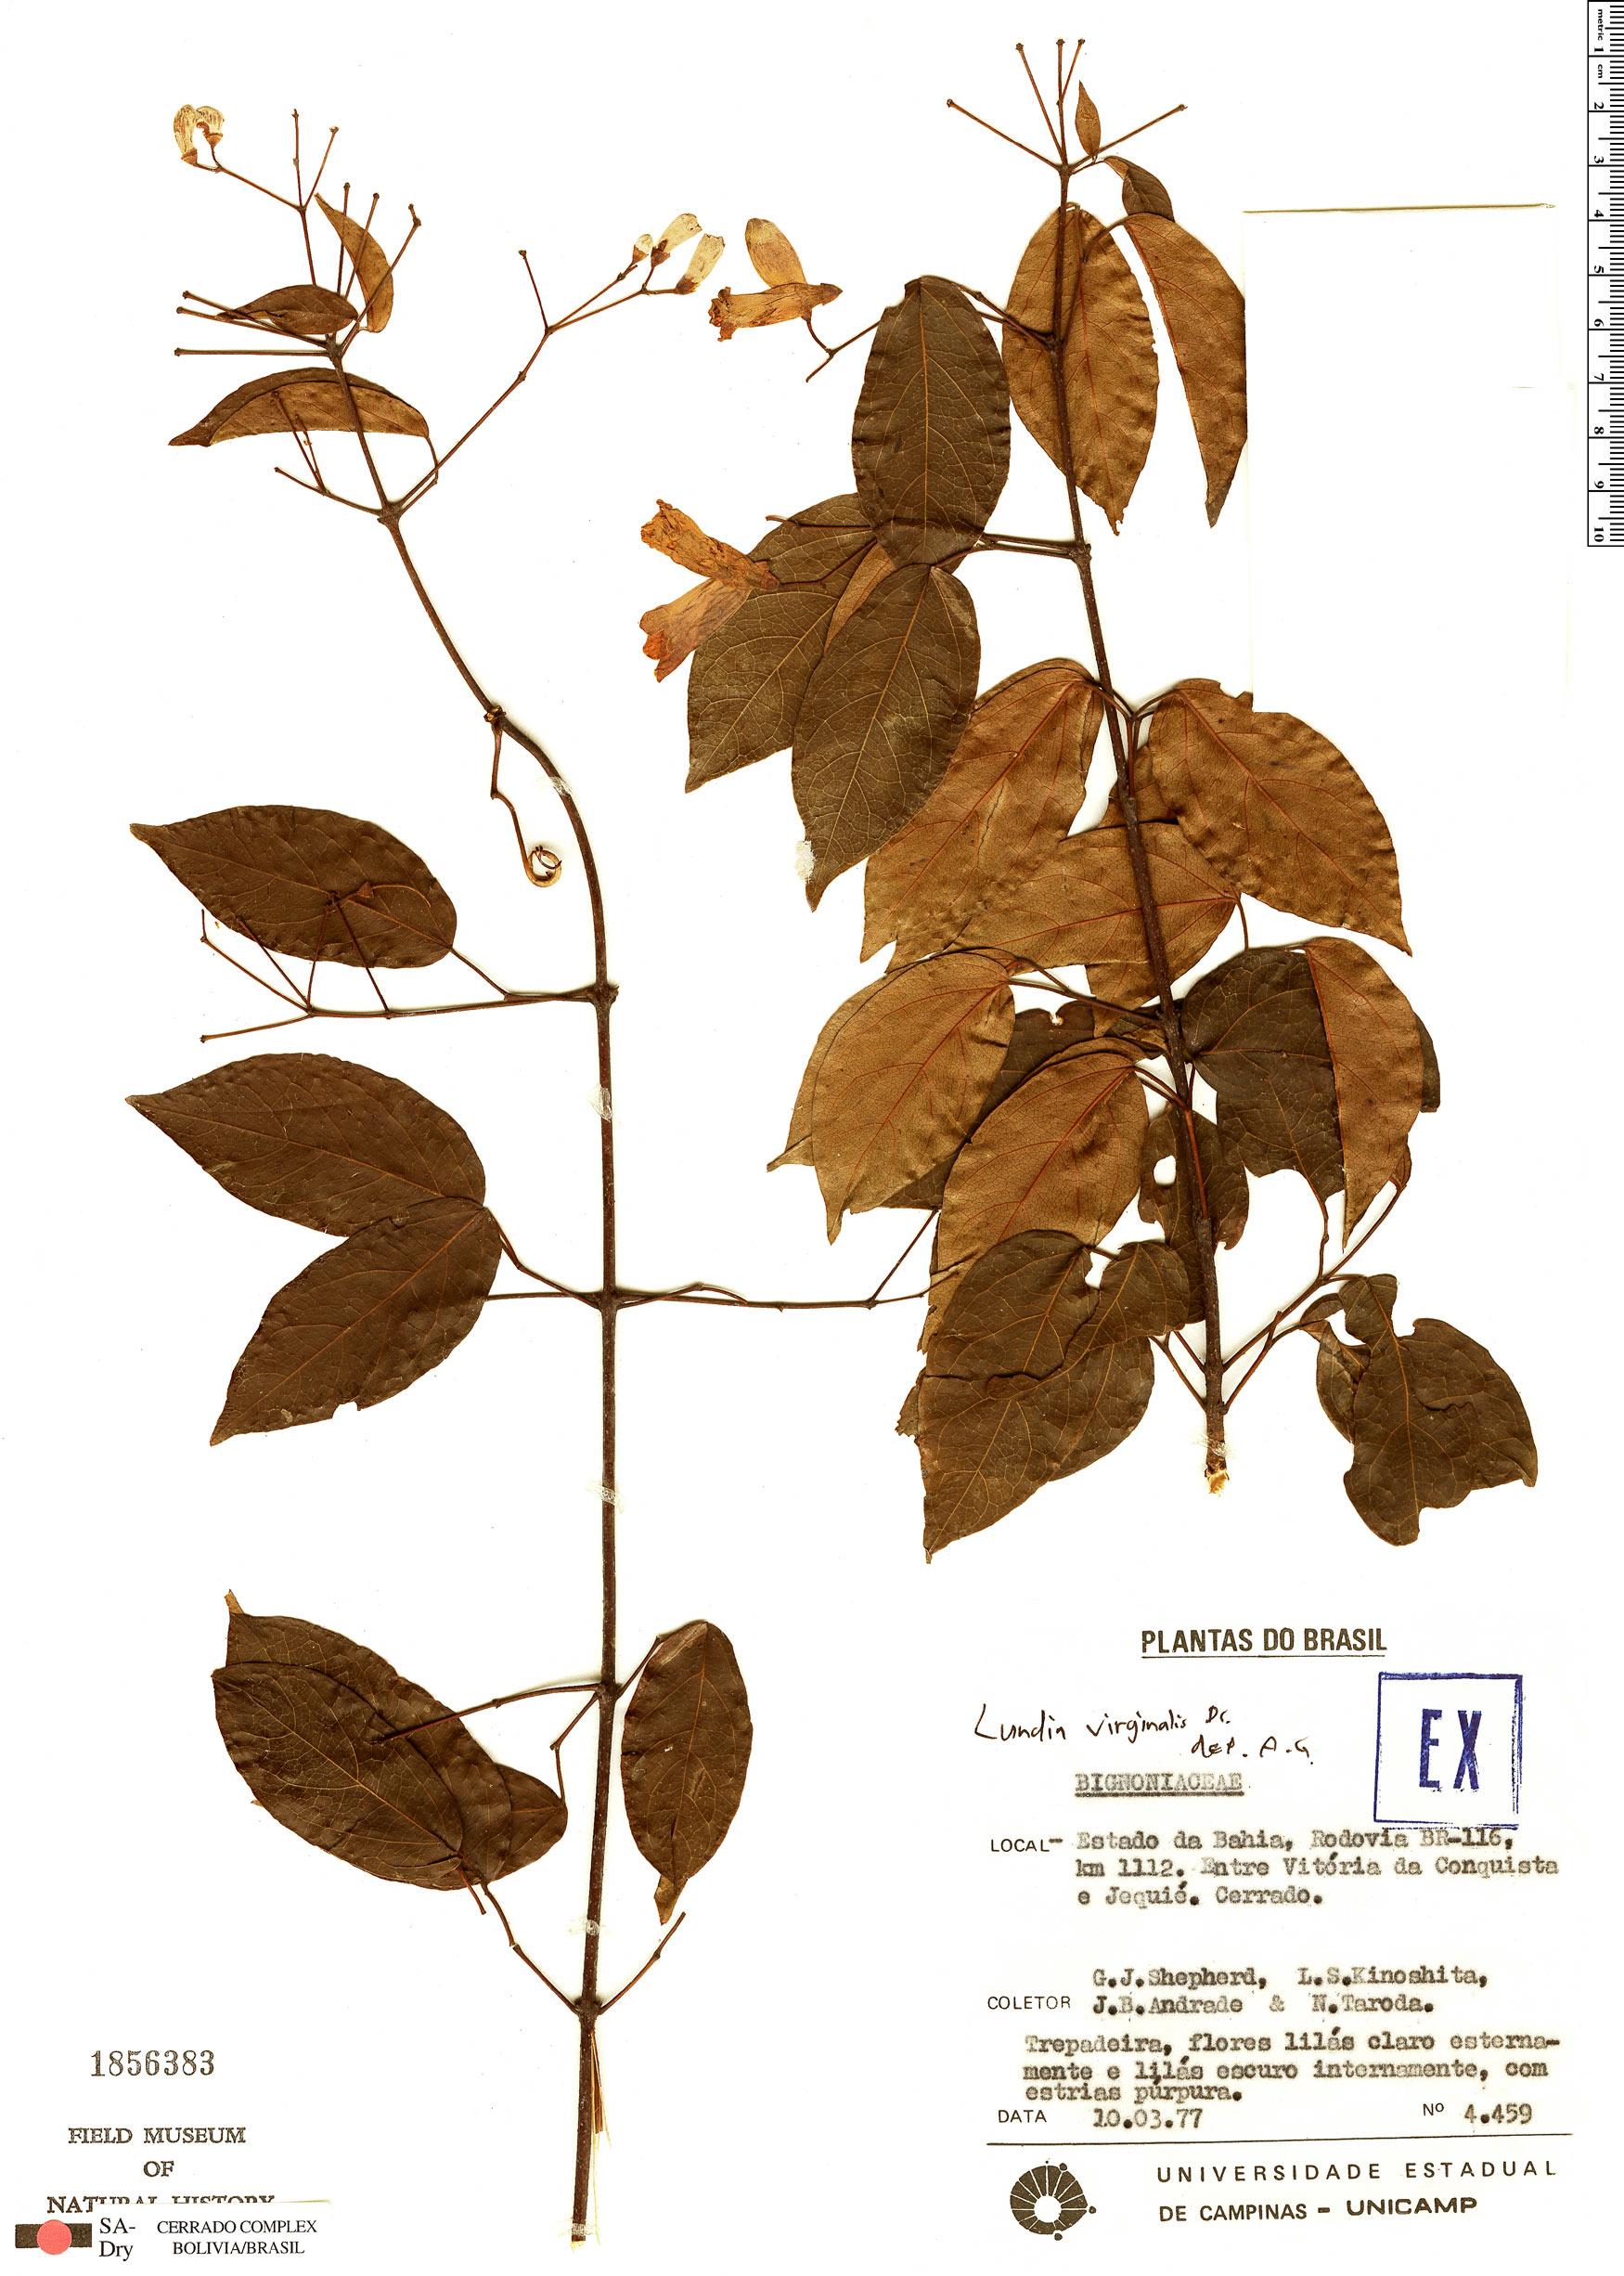 Specimen: Lundia virginalis